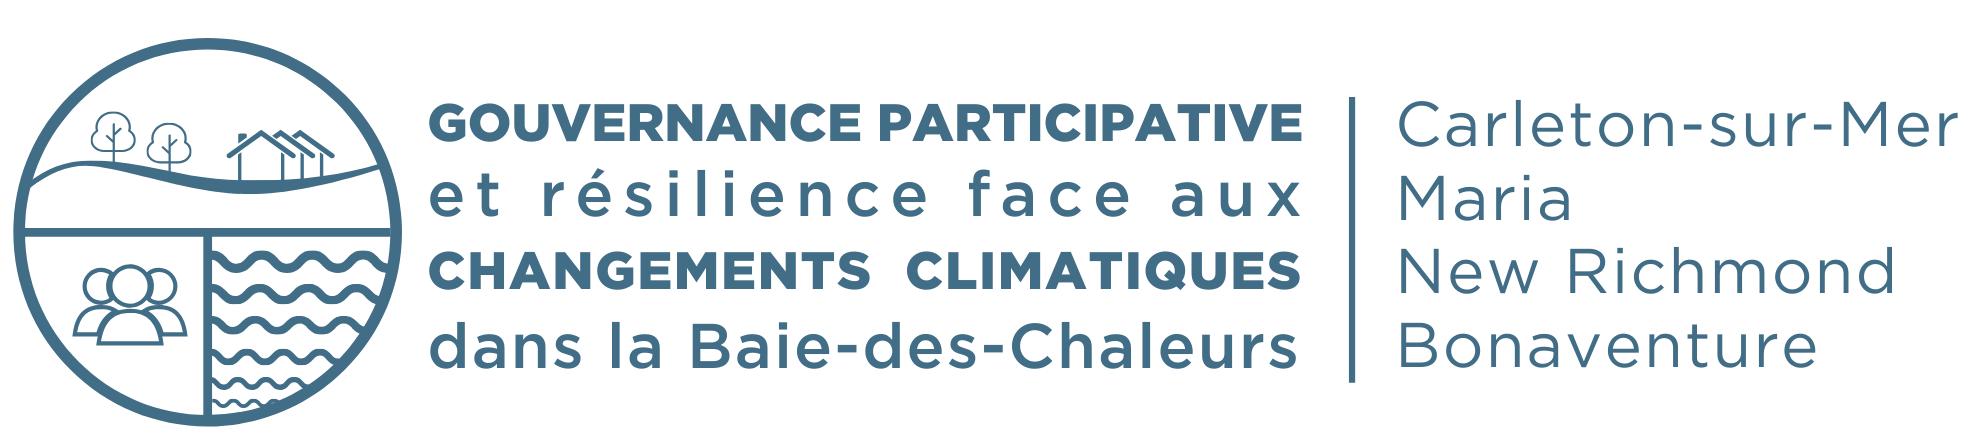 cropped-copie-de-copie-de-gouvernance-participative-et-rc3a9silience-face-aux-changements-climatiques-dans-quatre-municipalitc3a9s-de-la-baie-des-chaleurs.-1-3.png